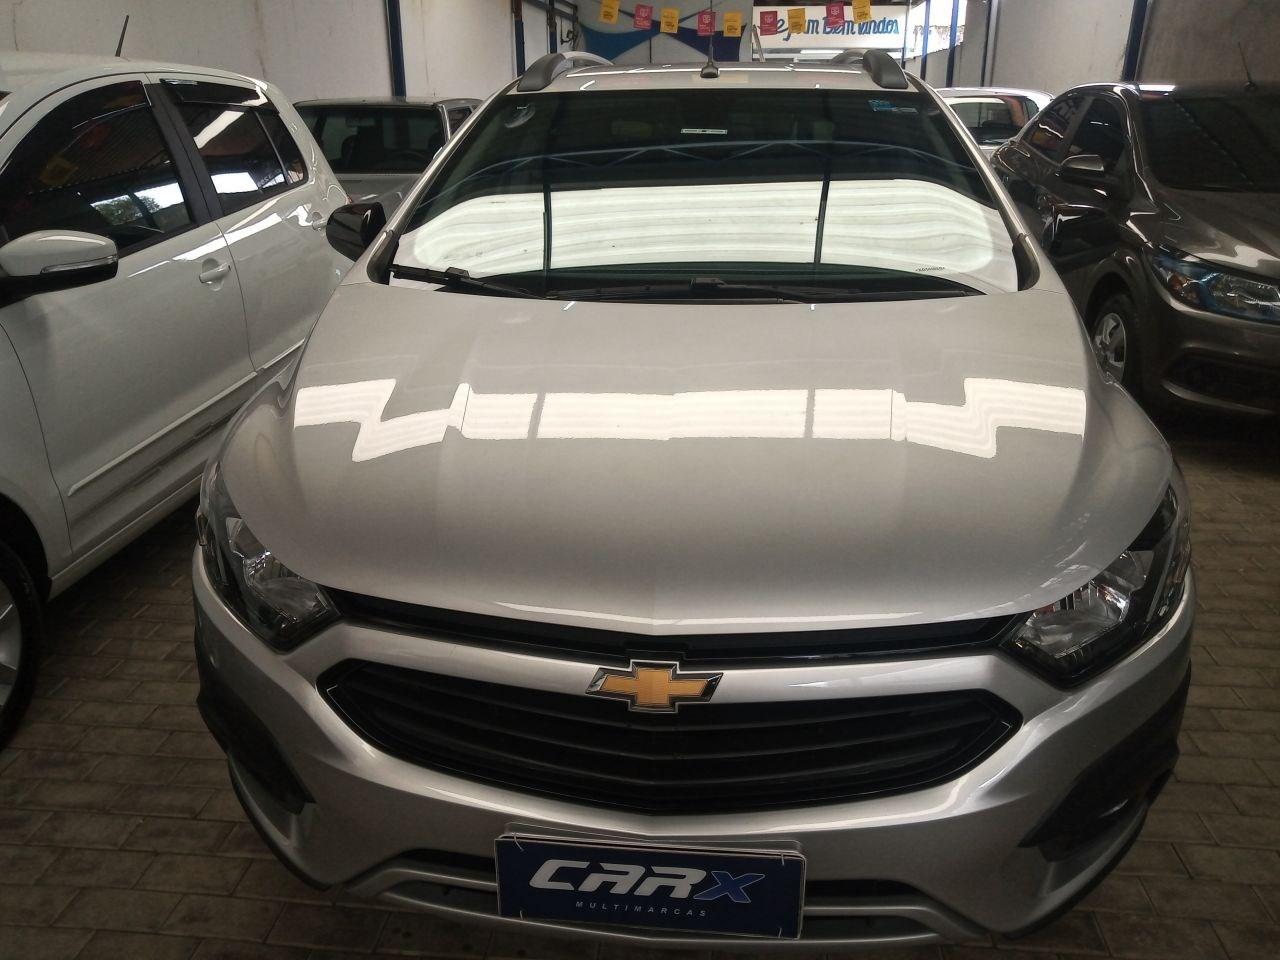 //www.autoline.com.br/carro/chevrolet/onix-14-activ-8v-flex-4p-automatico/2019/salto-sp/14437524